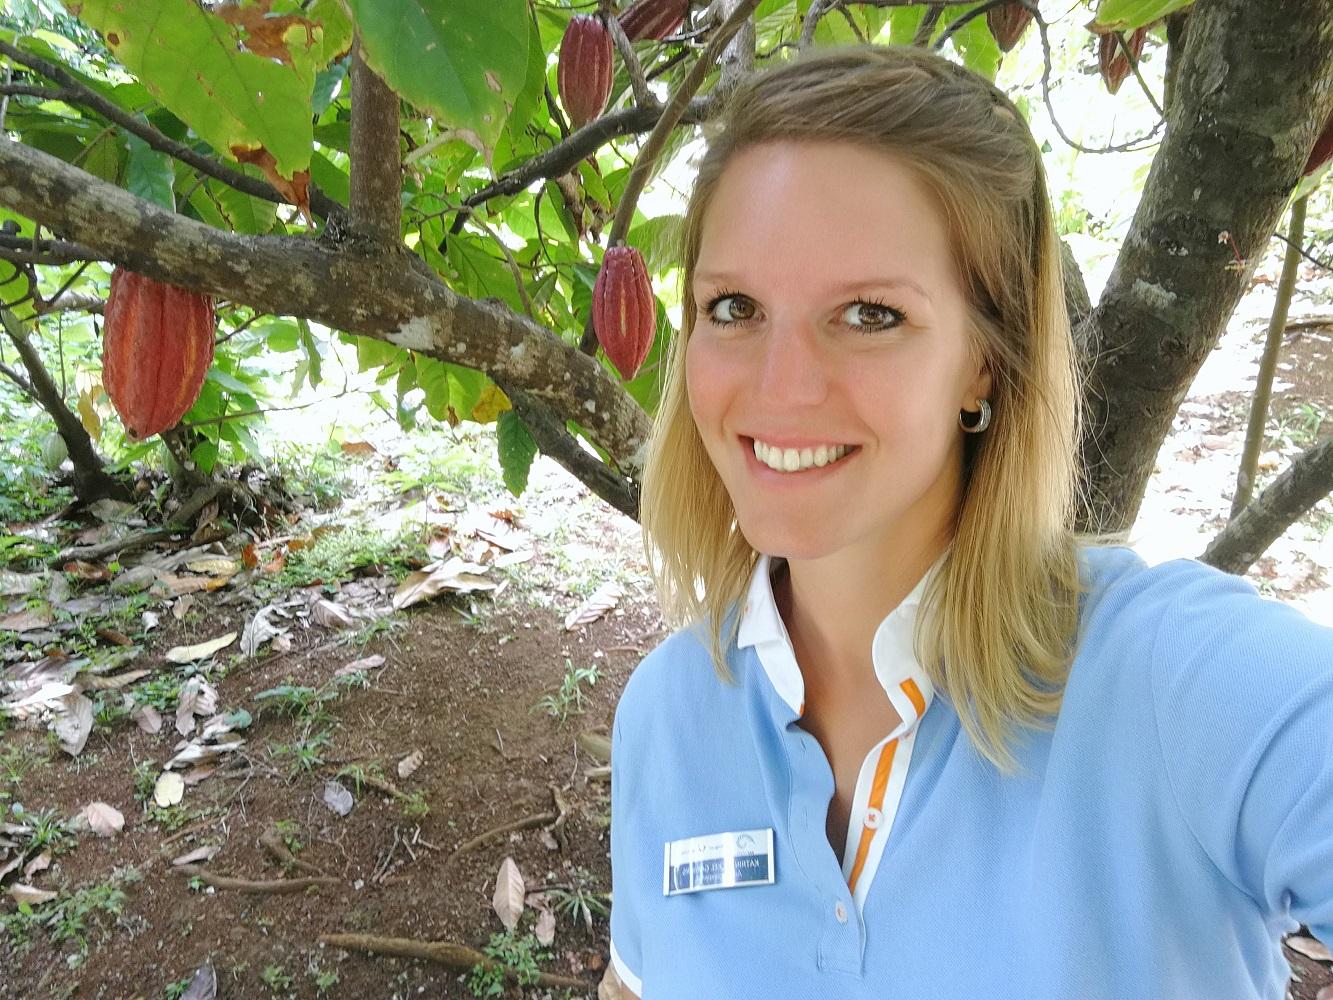 So sehen Kakao-Früchte aus: Mein Schiff Blog Autorin Katrin Mickel Garbers